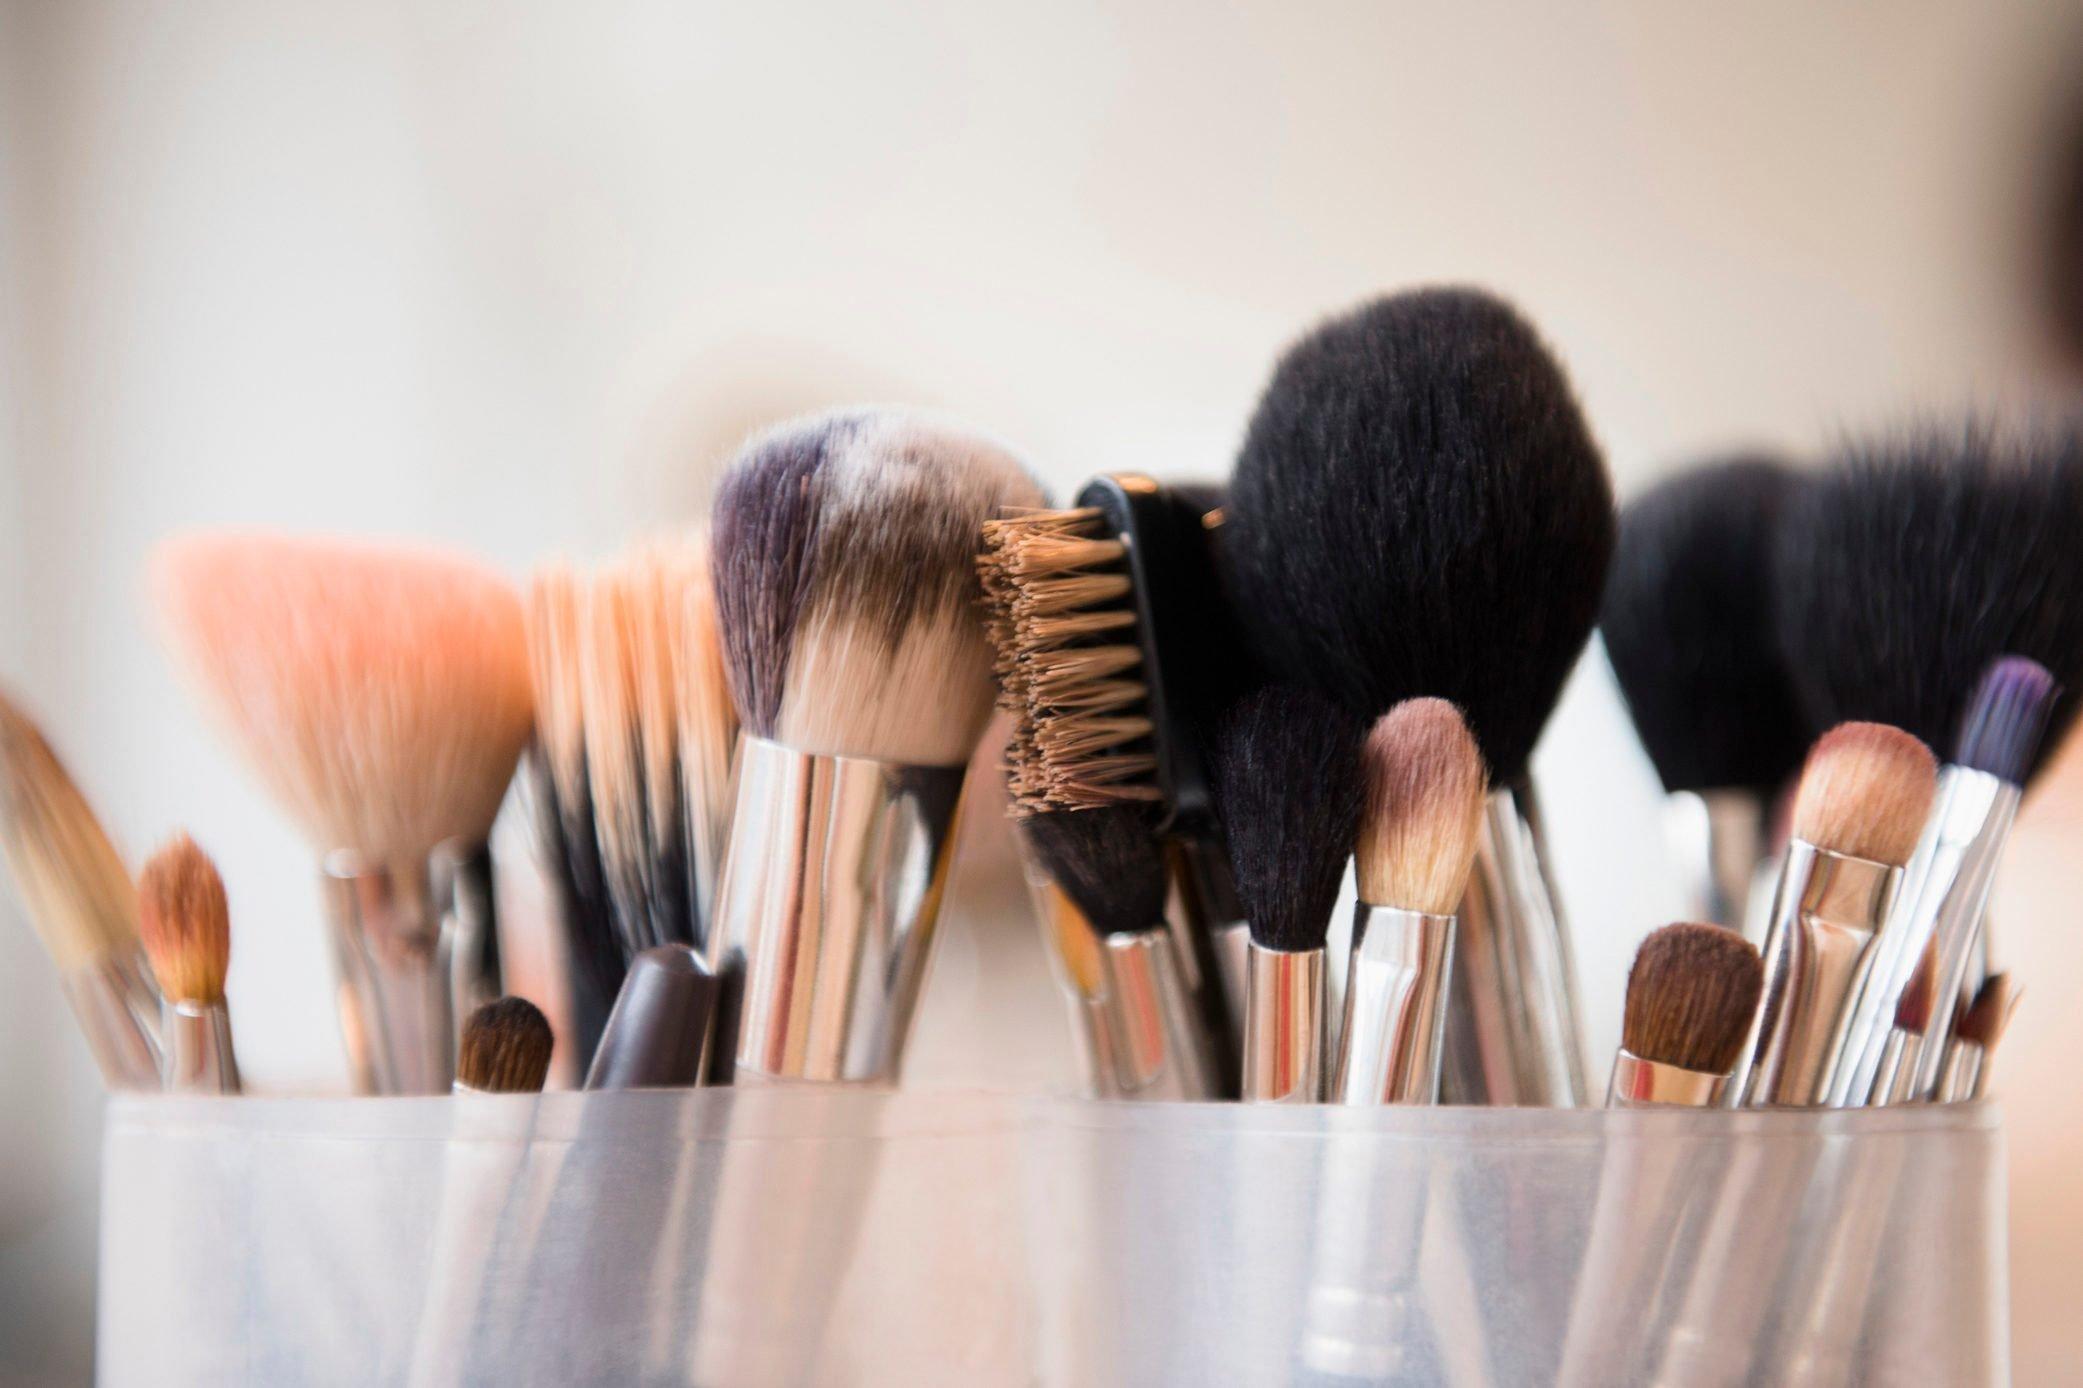 Close up of makeup brushes